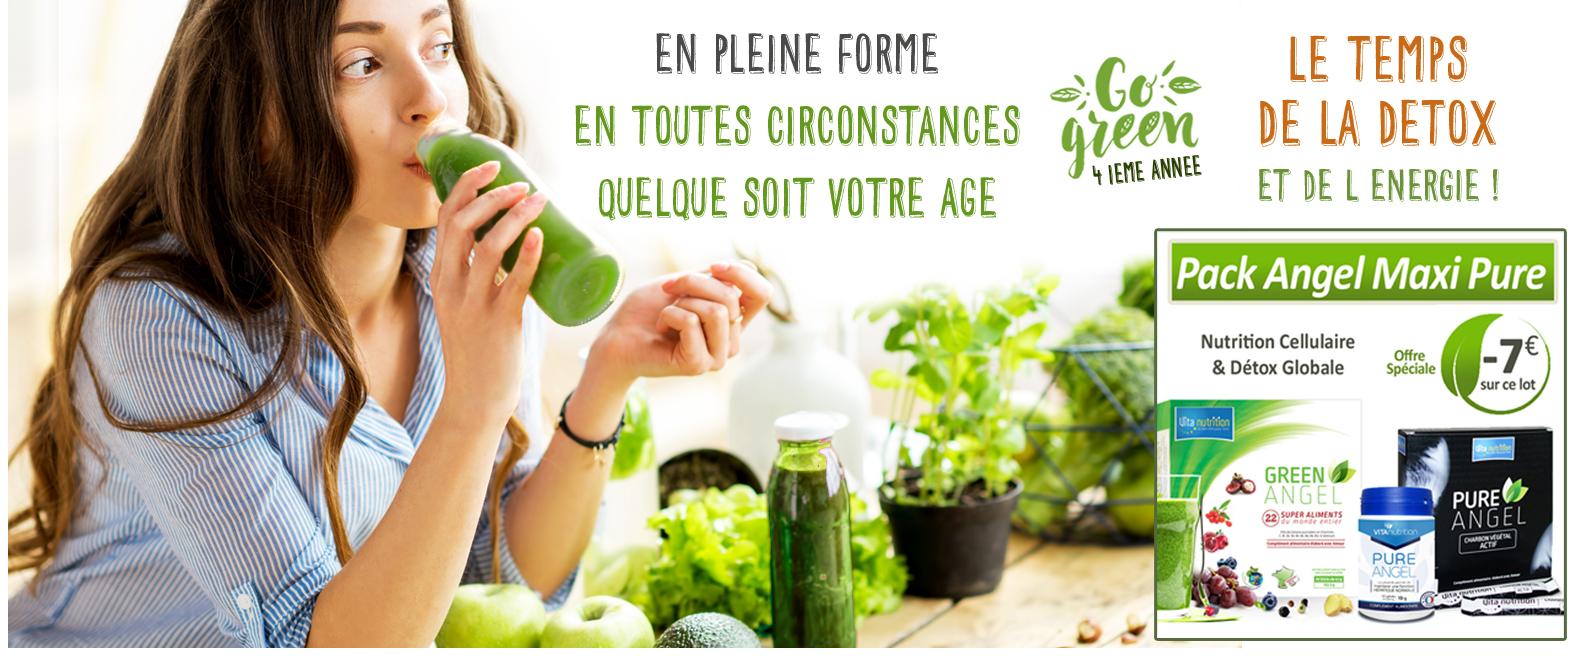 natooral vitanutrition green angel compléments alimentaires naturels bio issus de l'agriculture biologique détox nutrition cellulaire